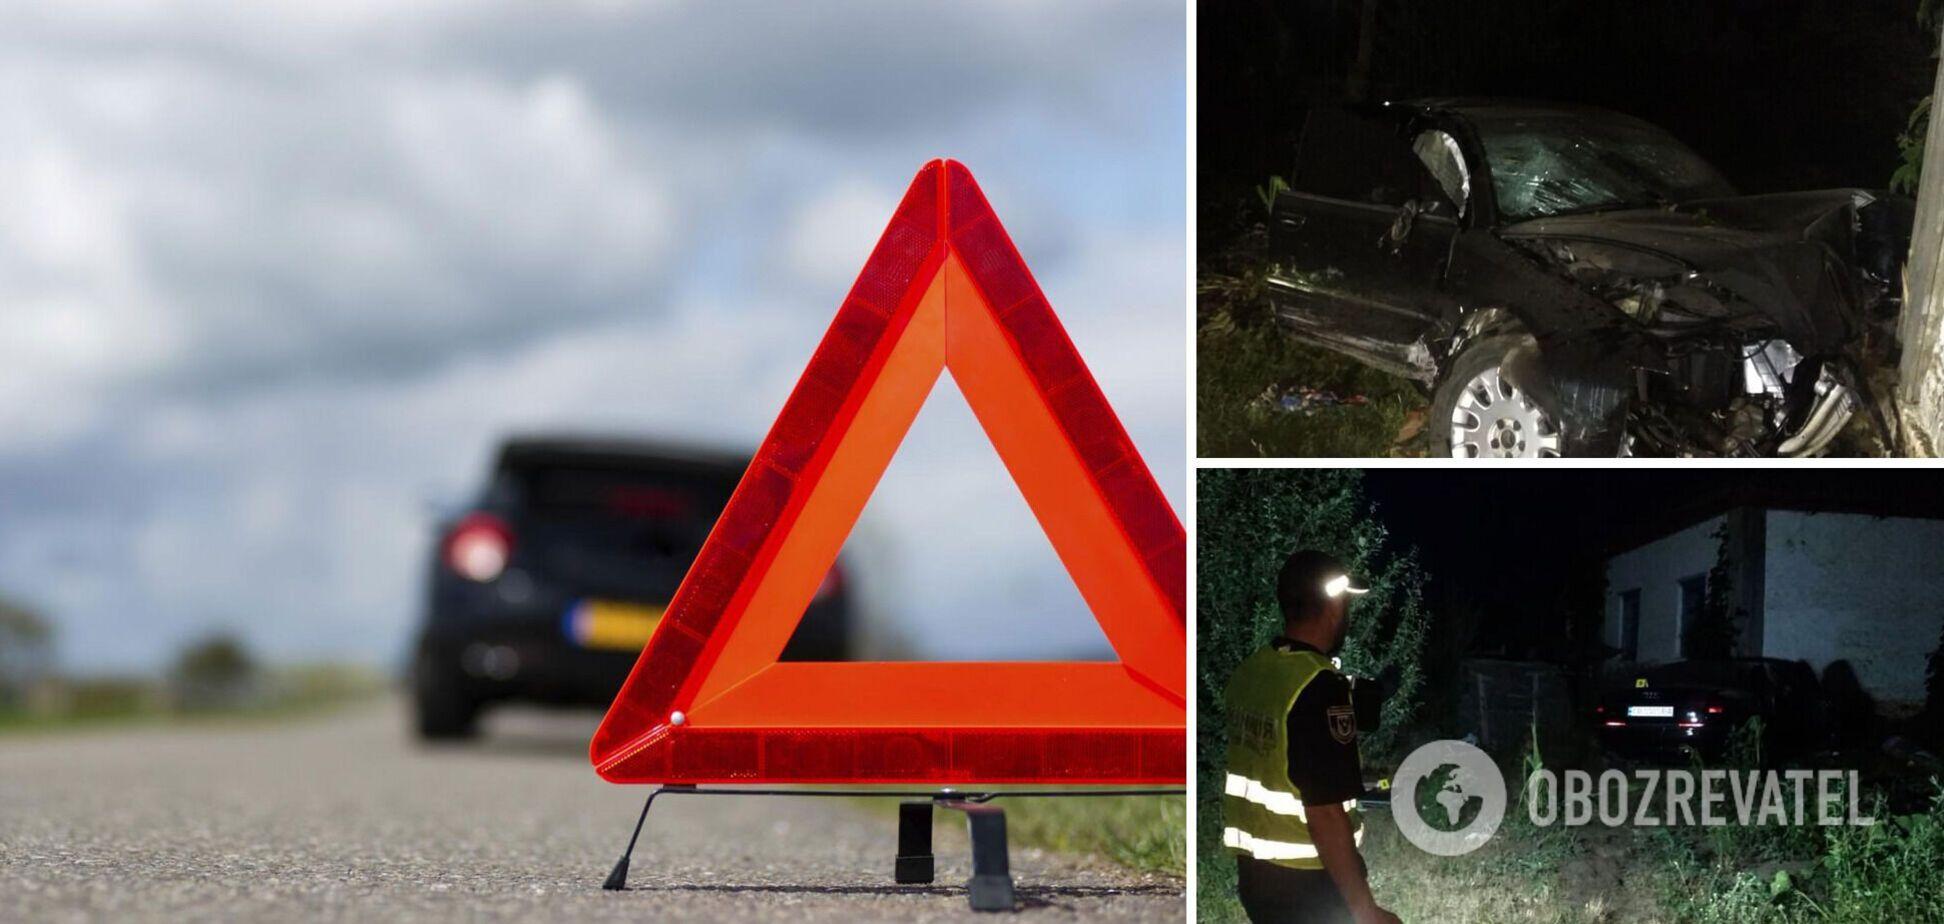 На Чернігівщині авто на швидкості влетіло в будинок, загинули дві людини. Фото і відео